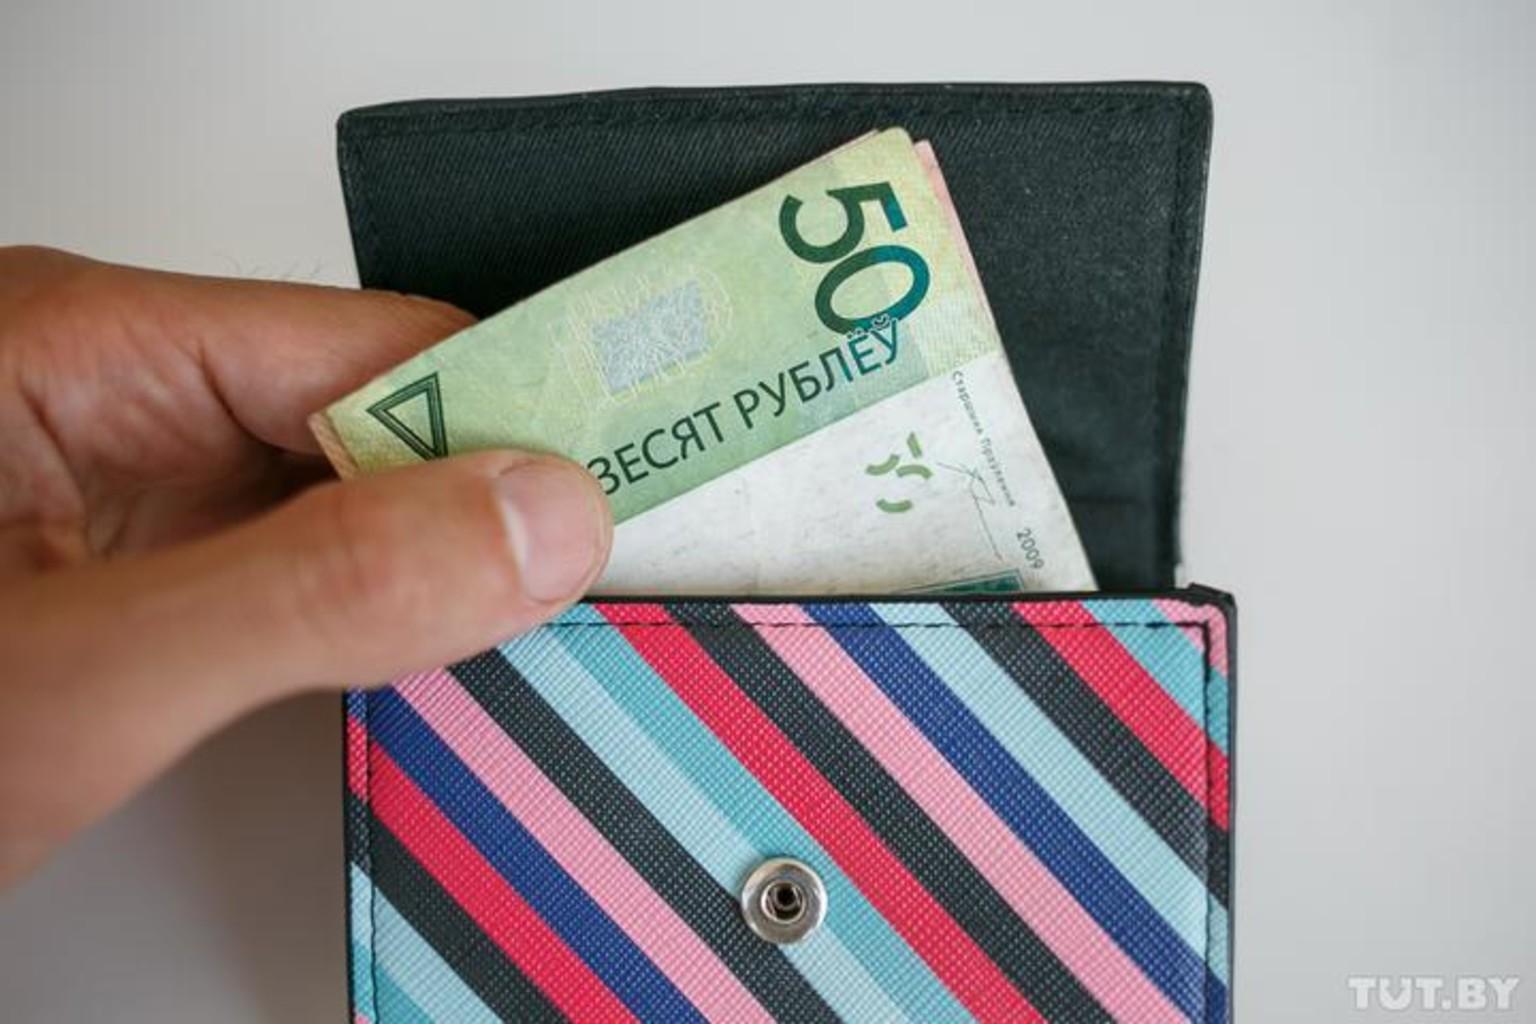 02 finansy dengi lyudi 20180530 zam tutby phsl